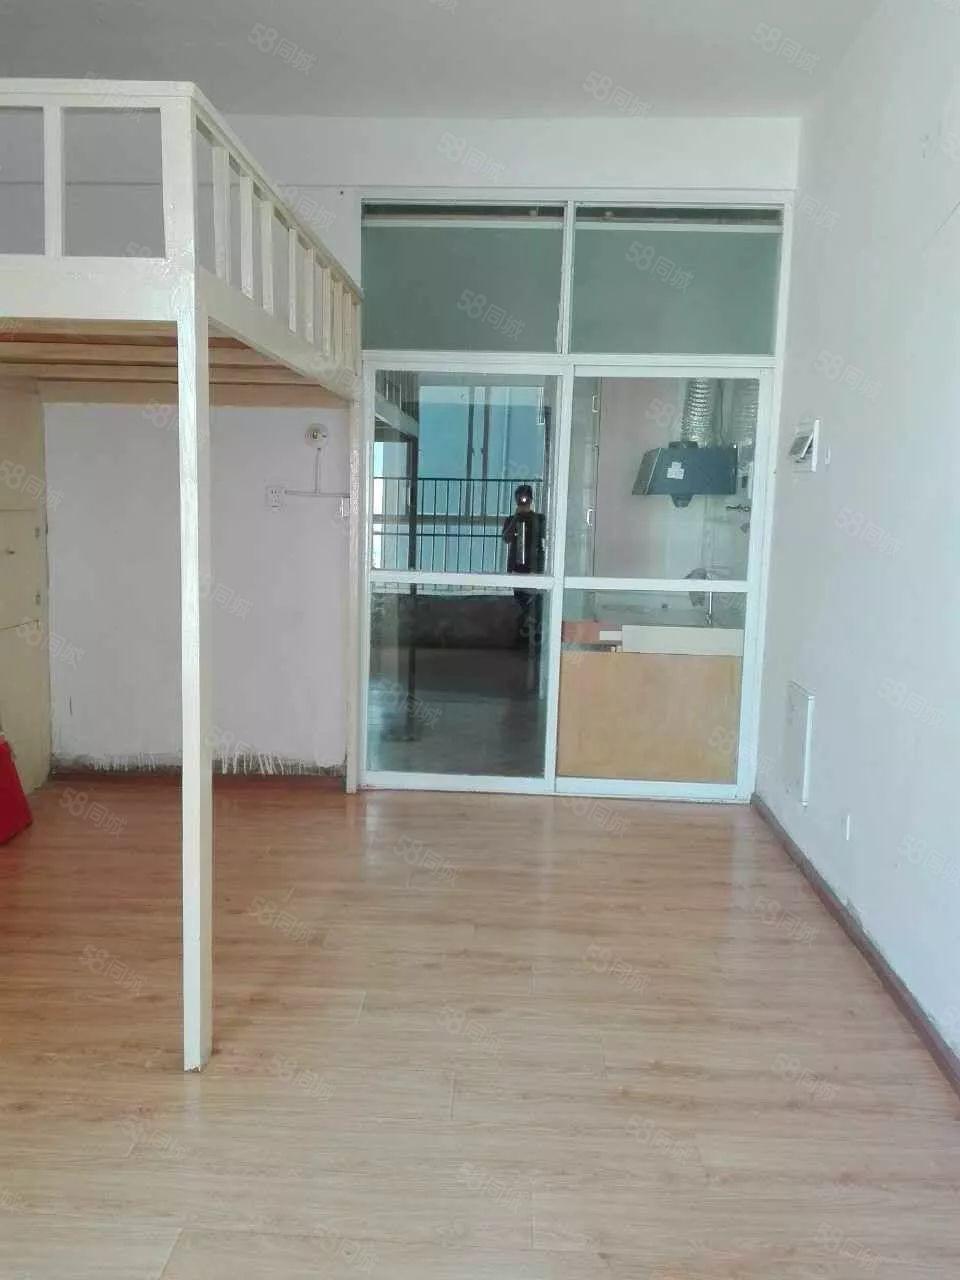 溪泽华庭、1室1厅1厨1卫、单身公寓澳门金沙平台